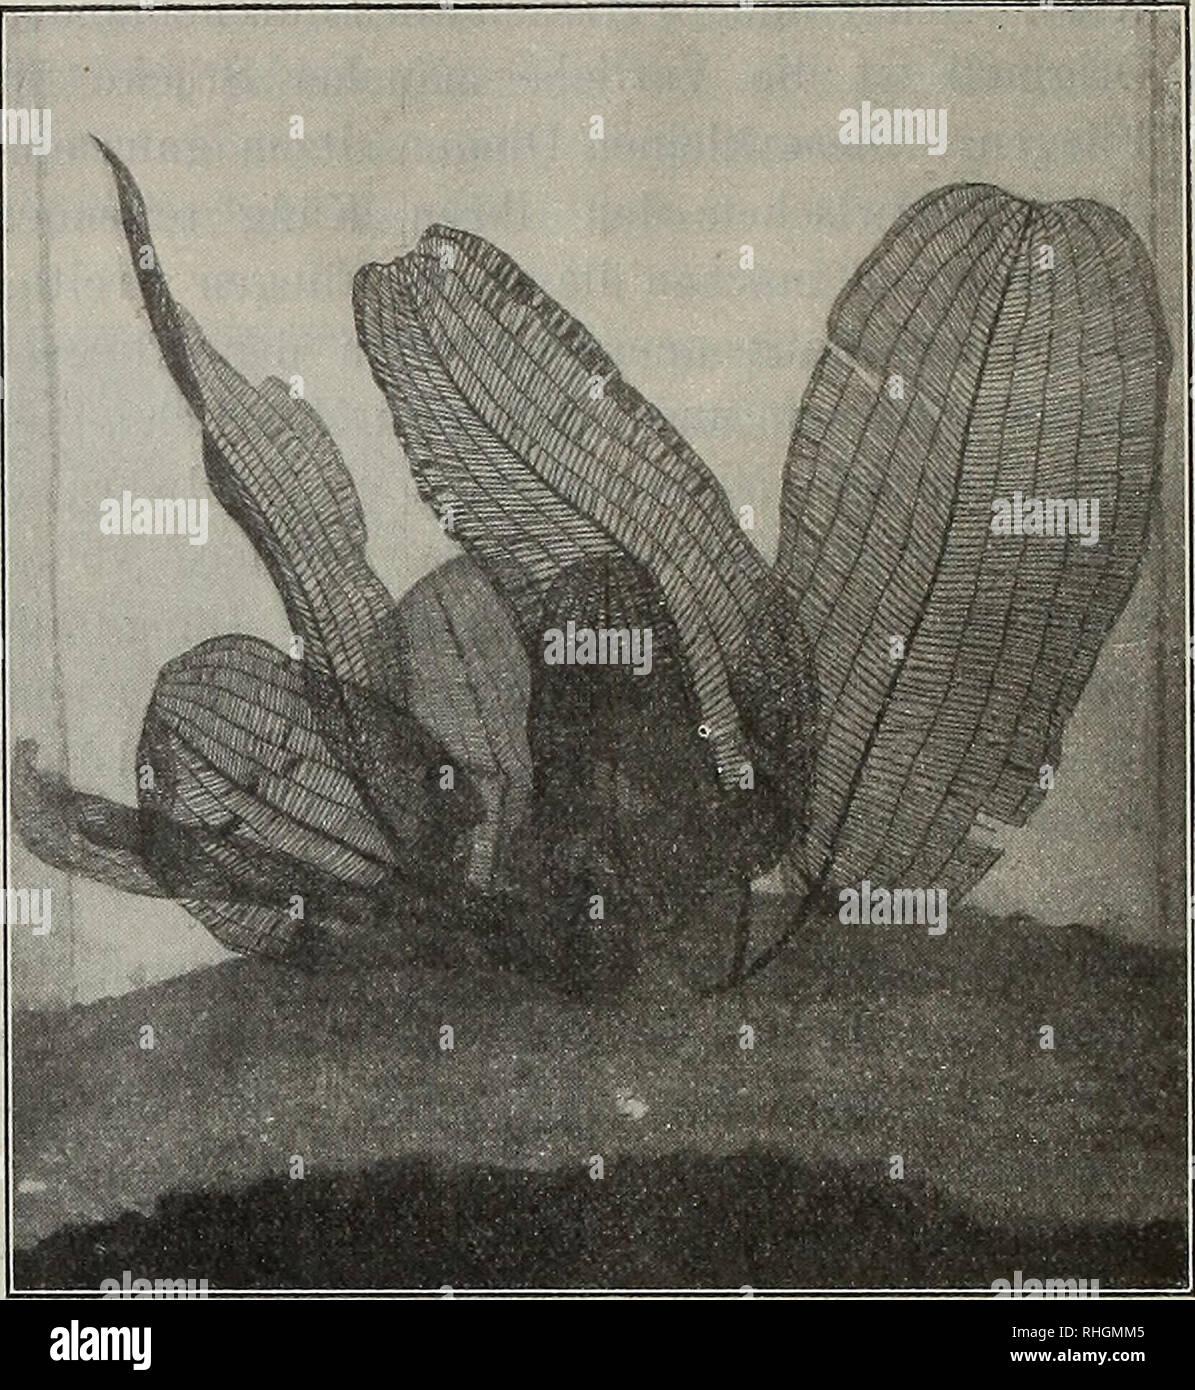 """. Blätter für Aquarien- und Terrarien-Kunde. Aponogeton fenestralis Hook. f. var. major, Naturselbstdruck eines jungen Blattes.. Originalaufnahme für die """"Blätter"""". Aponogeton fenestralis Hook. f. var. major. '/* natürl. Größe. Fi?a£ekasfen. S. N., Oknitza (Rußland). Frage: Ich will bei meinen Seewasseraquarien statt der bisherigen Preßluft- durchlüftung eine Injektionsdurchlüftung einrichten und da muß ich das abgelaufene Wasser aus dem unteren Reservoir in das hochgestellte mittelst einer Hand- pumpe heben. Aus welchem Material muß die Pumpe sein? Man warnt doch gewöhnlich in allen Schr - Stock Image"""